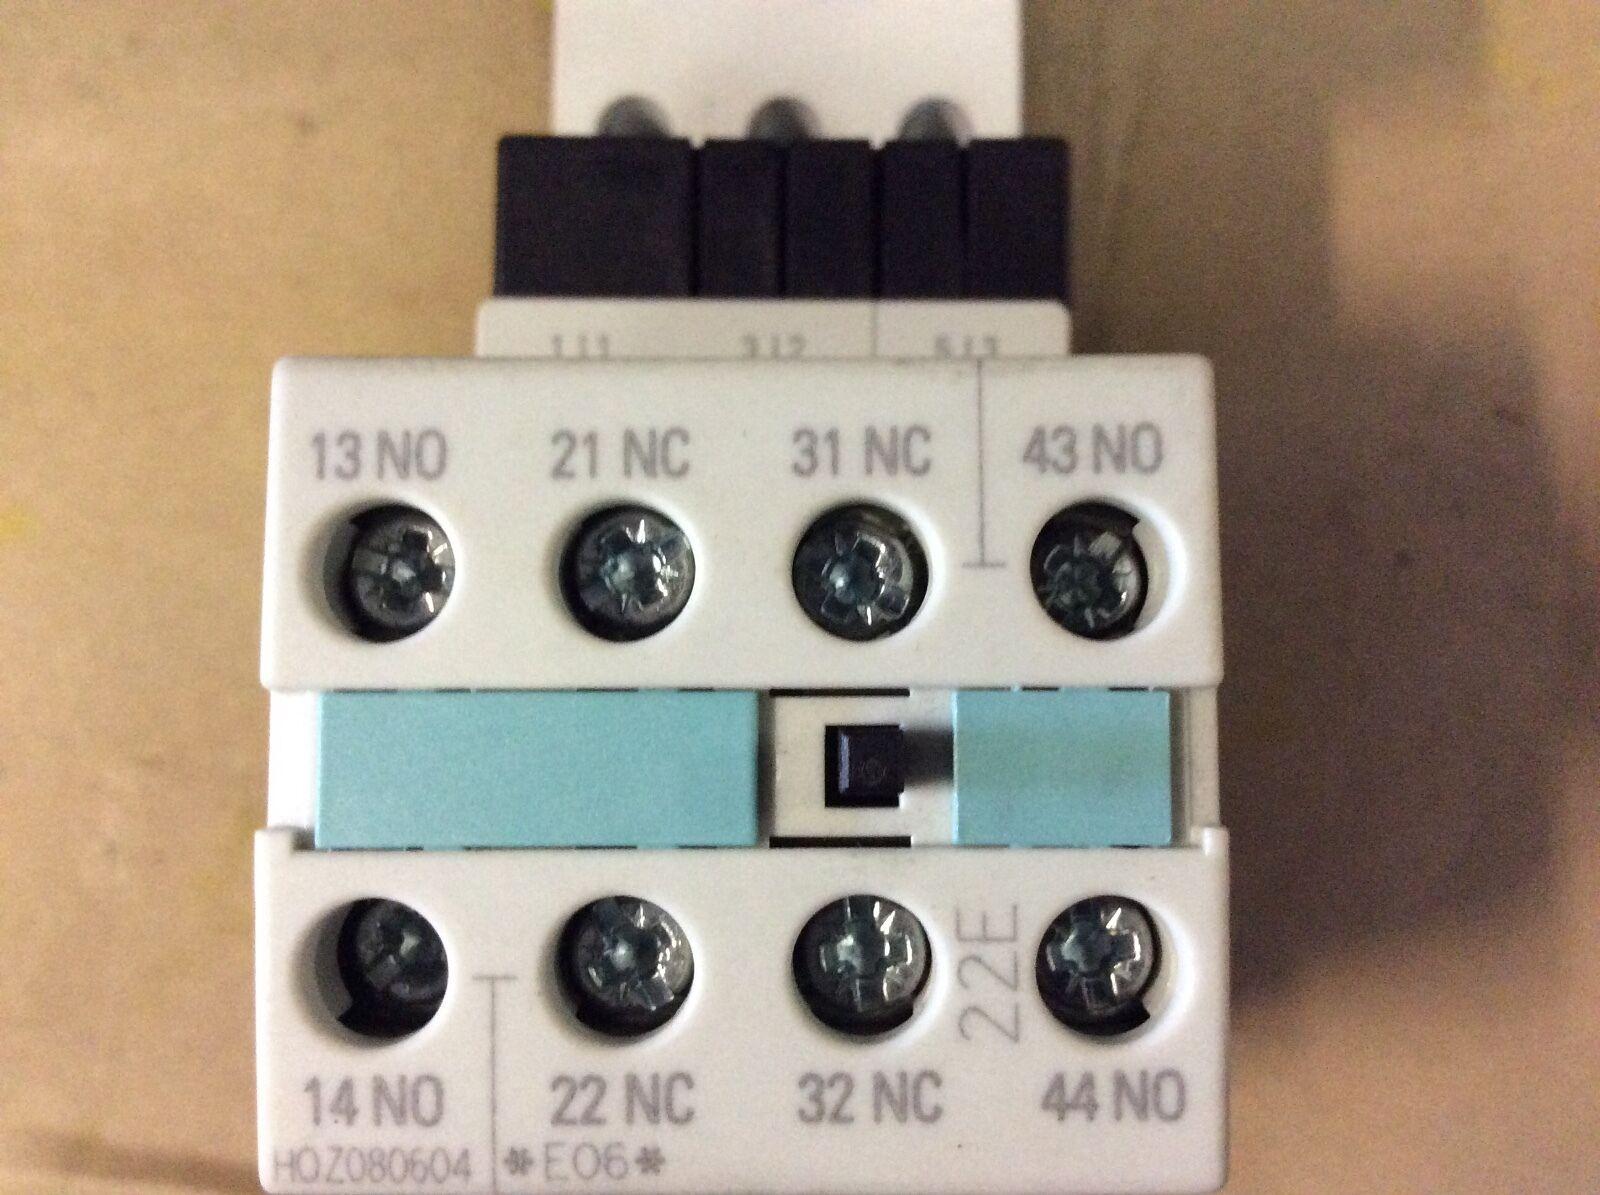 #3RT1025-1A..4 3RH1921-1HA22 30 day warranty Siemens Sirius #3RV1021-0DA10